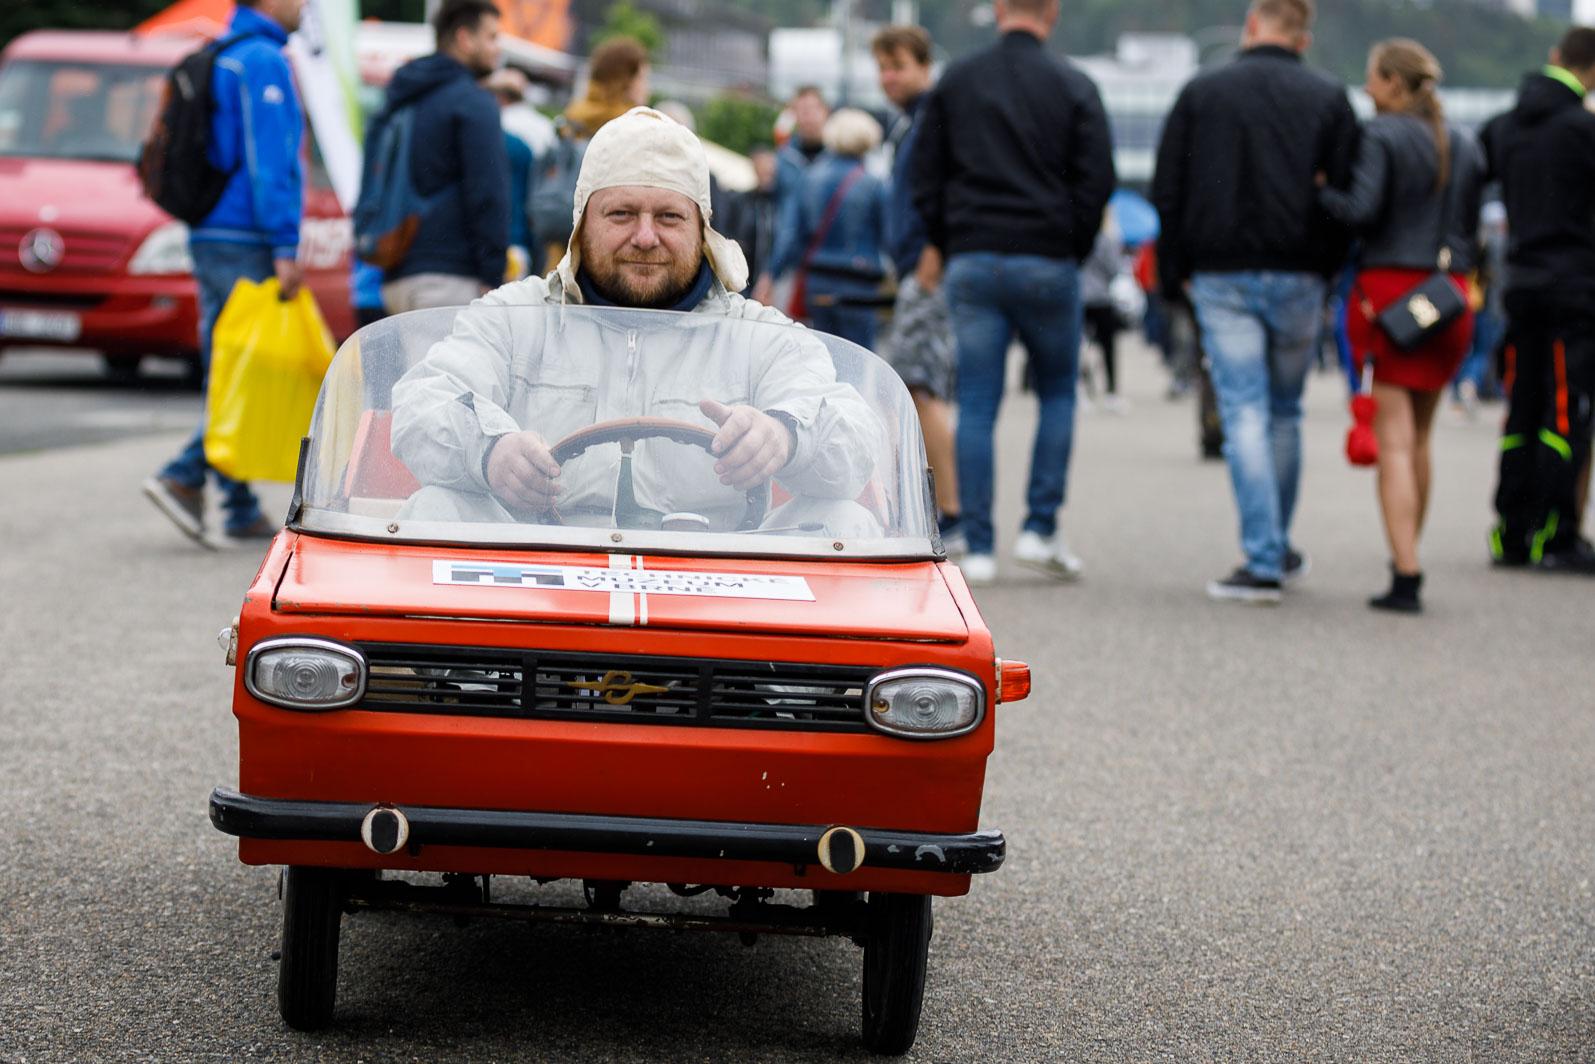 Na Revival Brno 2020 sa predviedol Talbot, ktorý zbiera svetové ocenenia MLnEl3U24a revival-8374